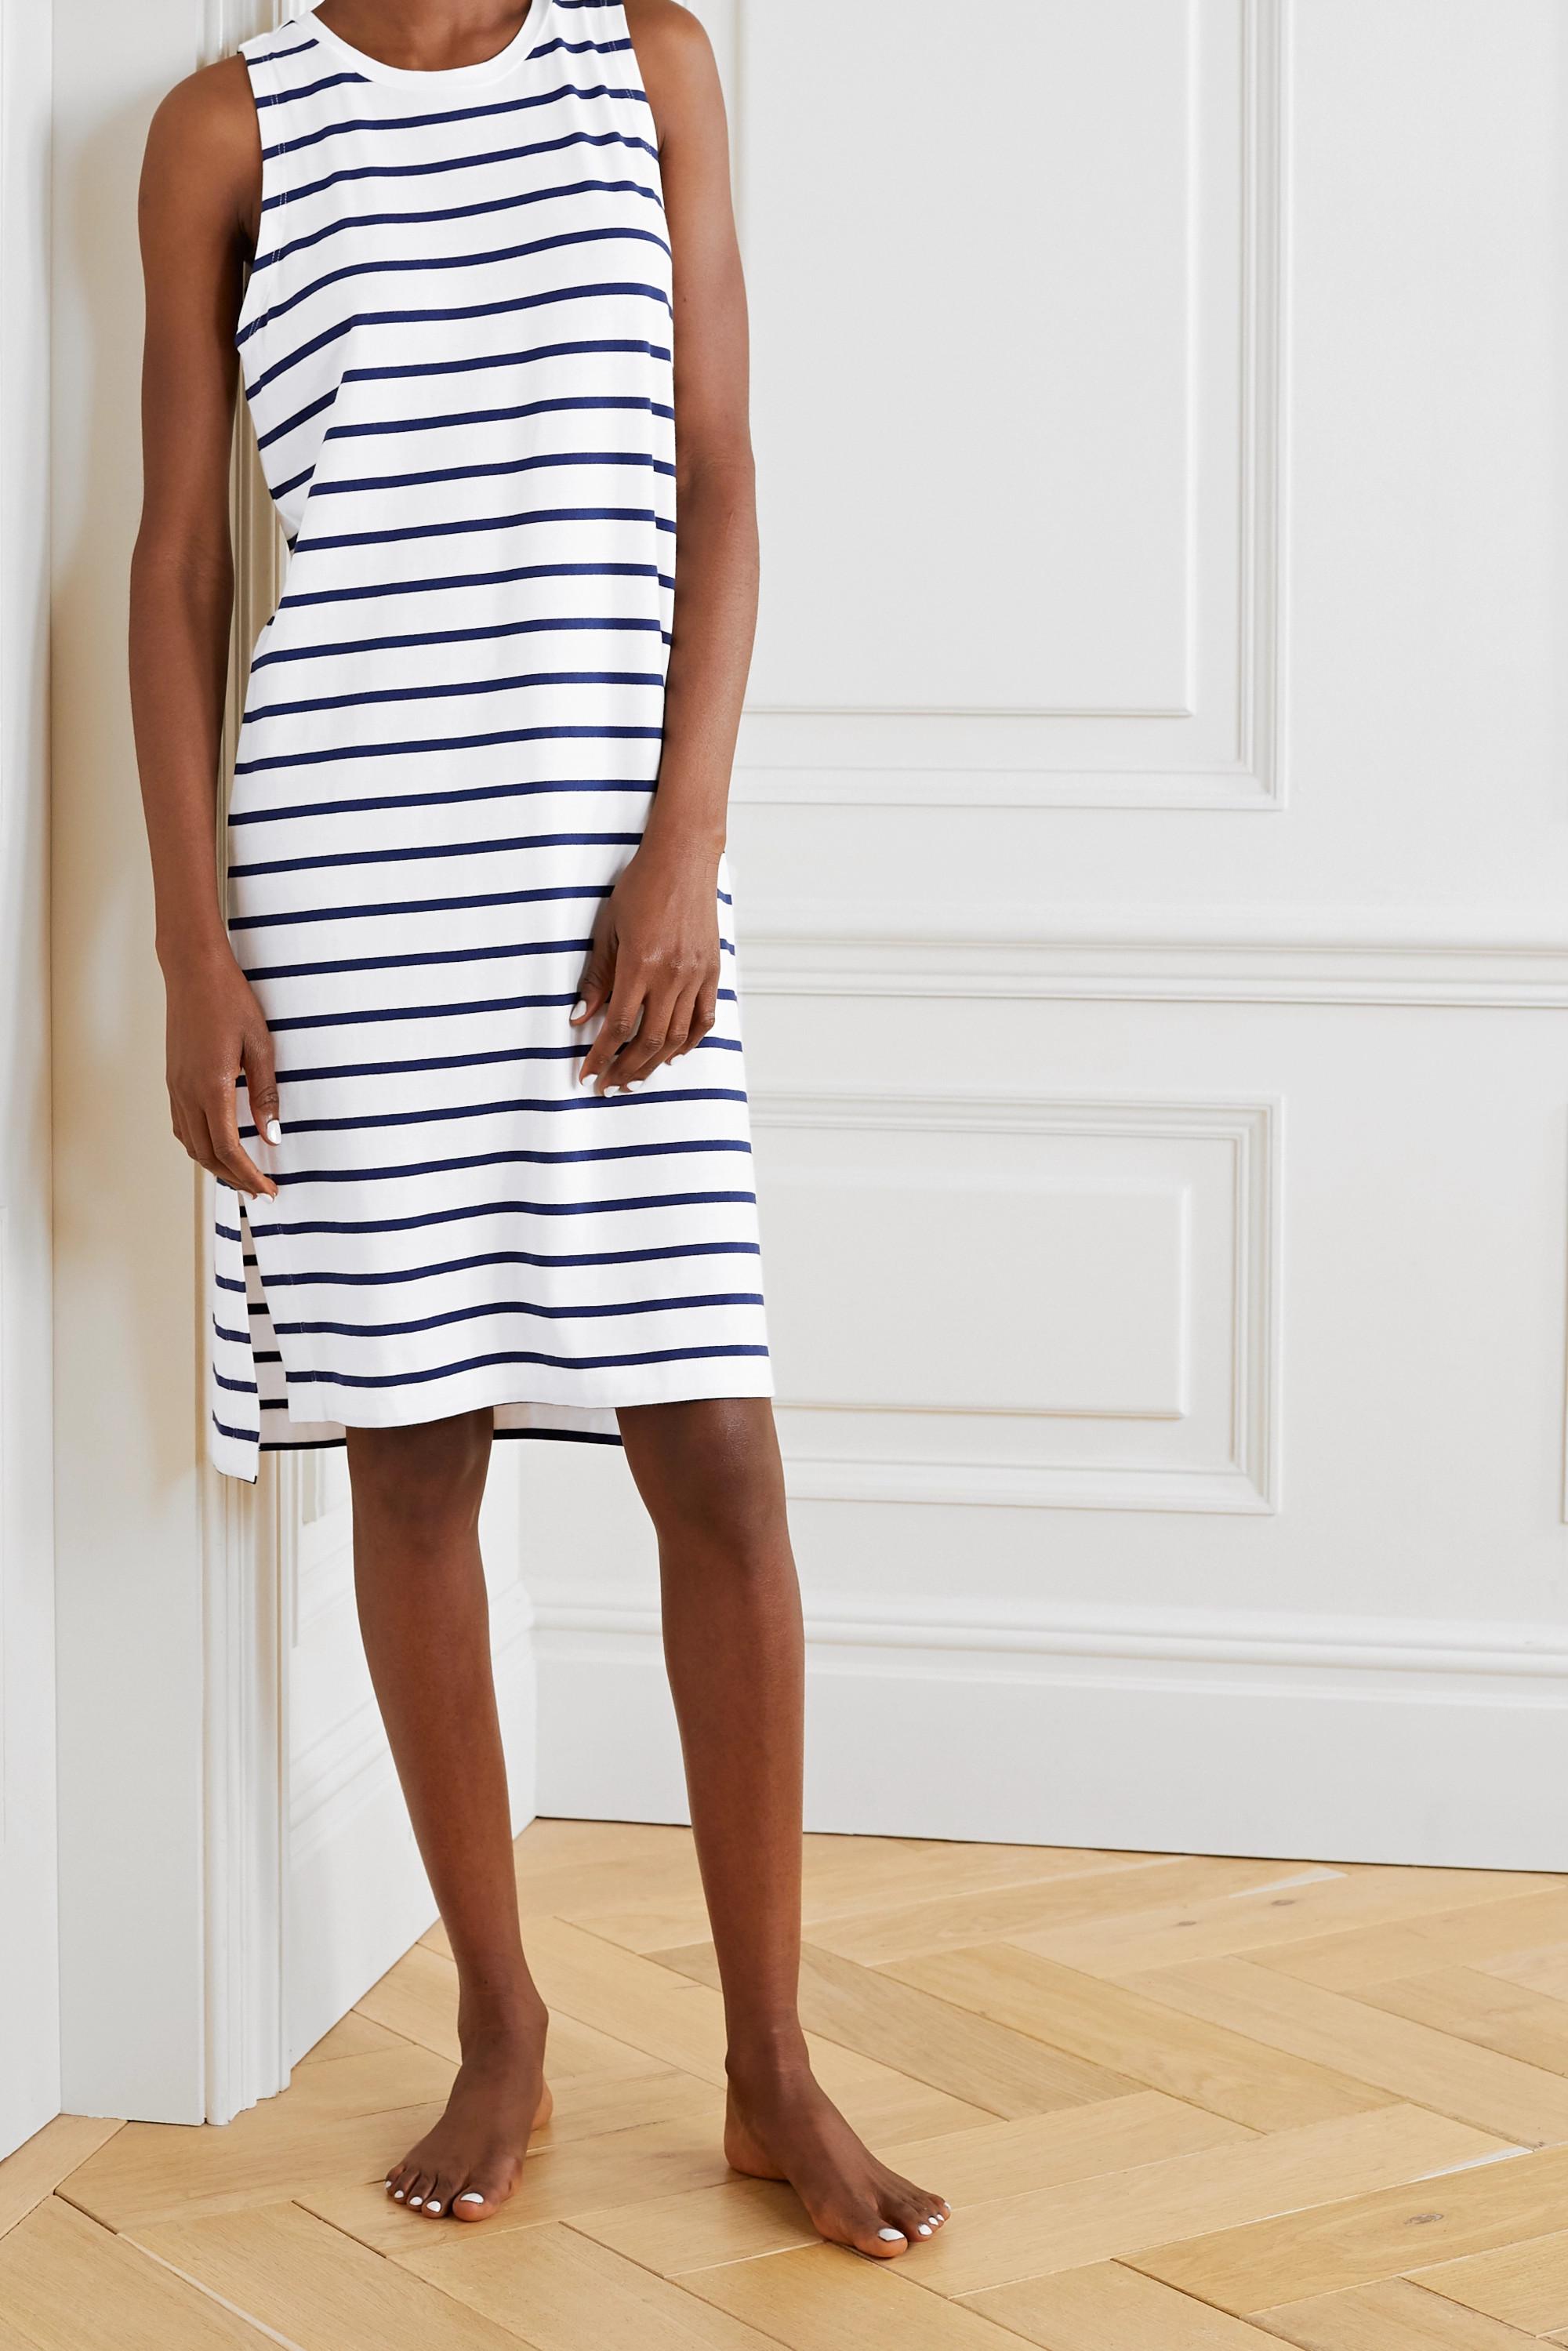 Skin Elanie striped stretch-jersey dress